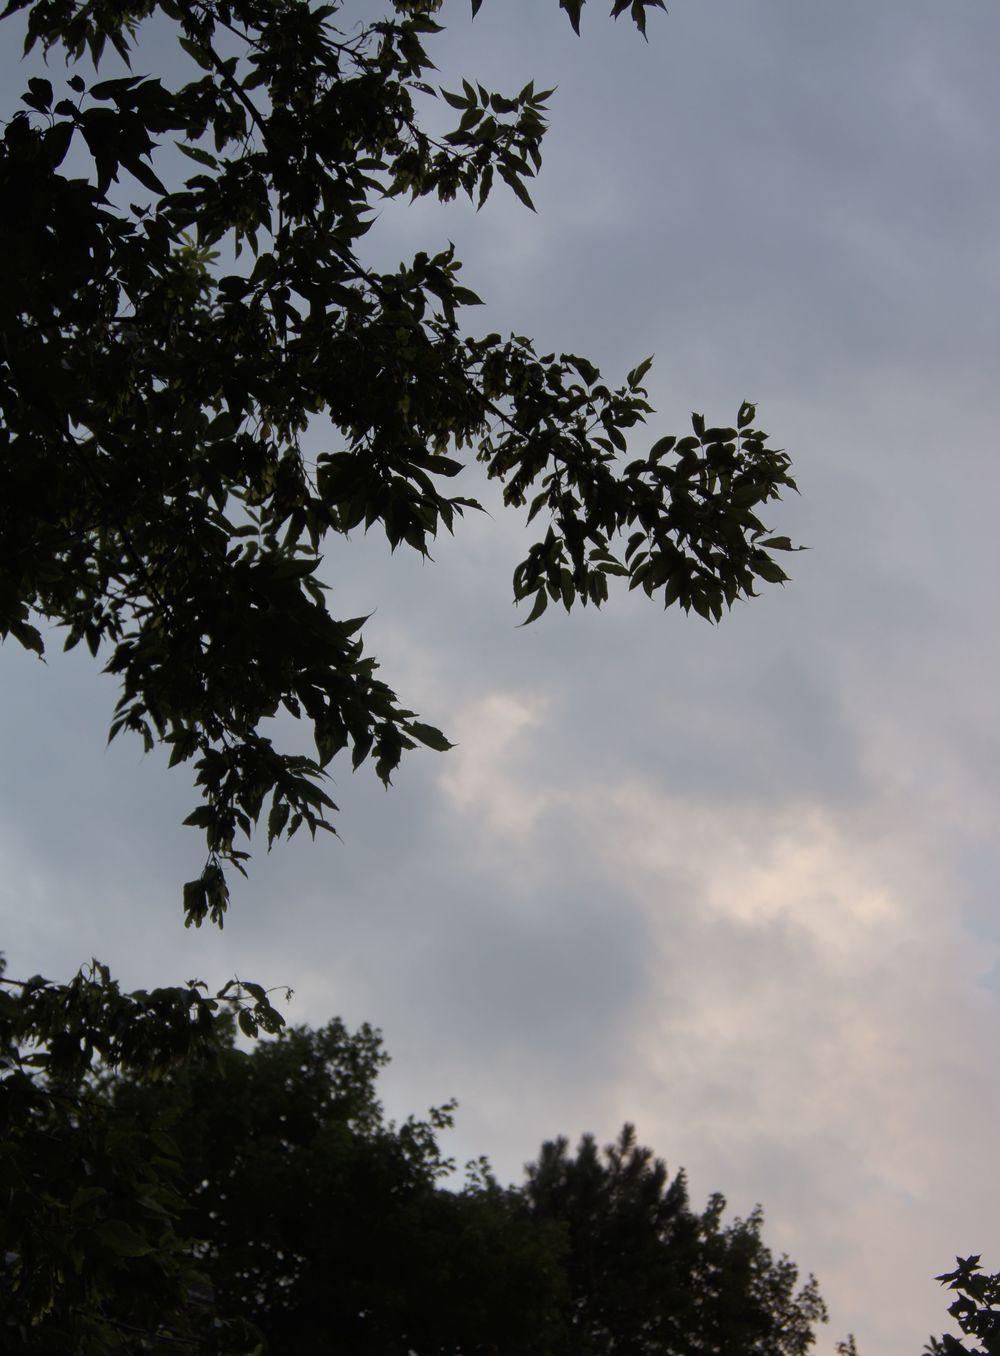 Sky Cloudy.jpg